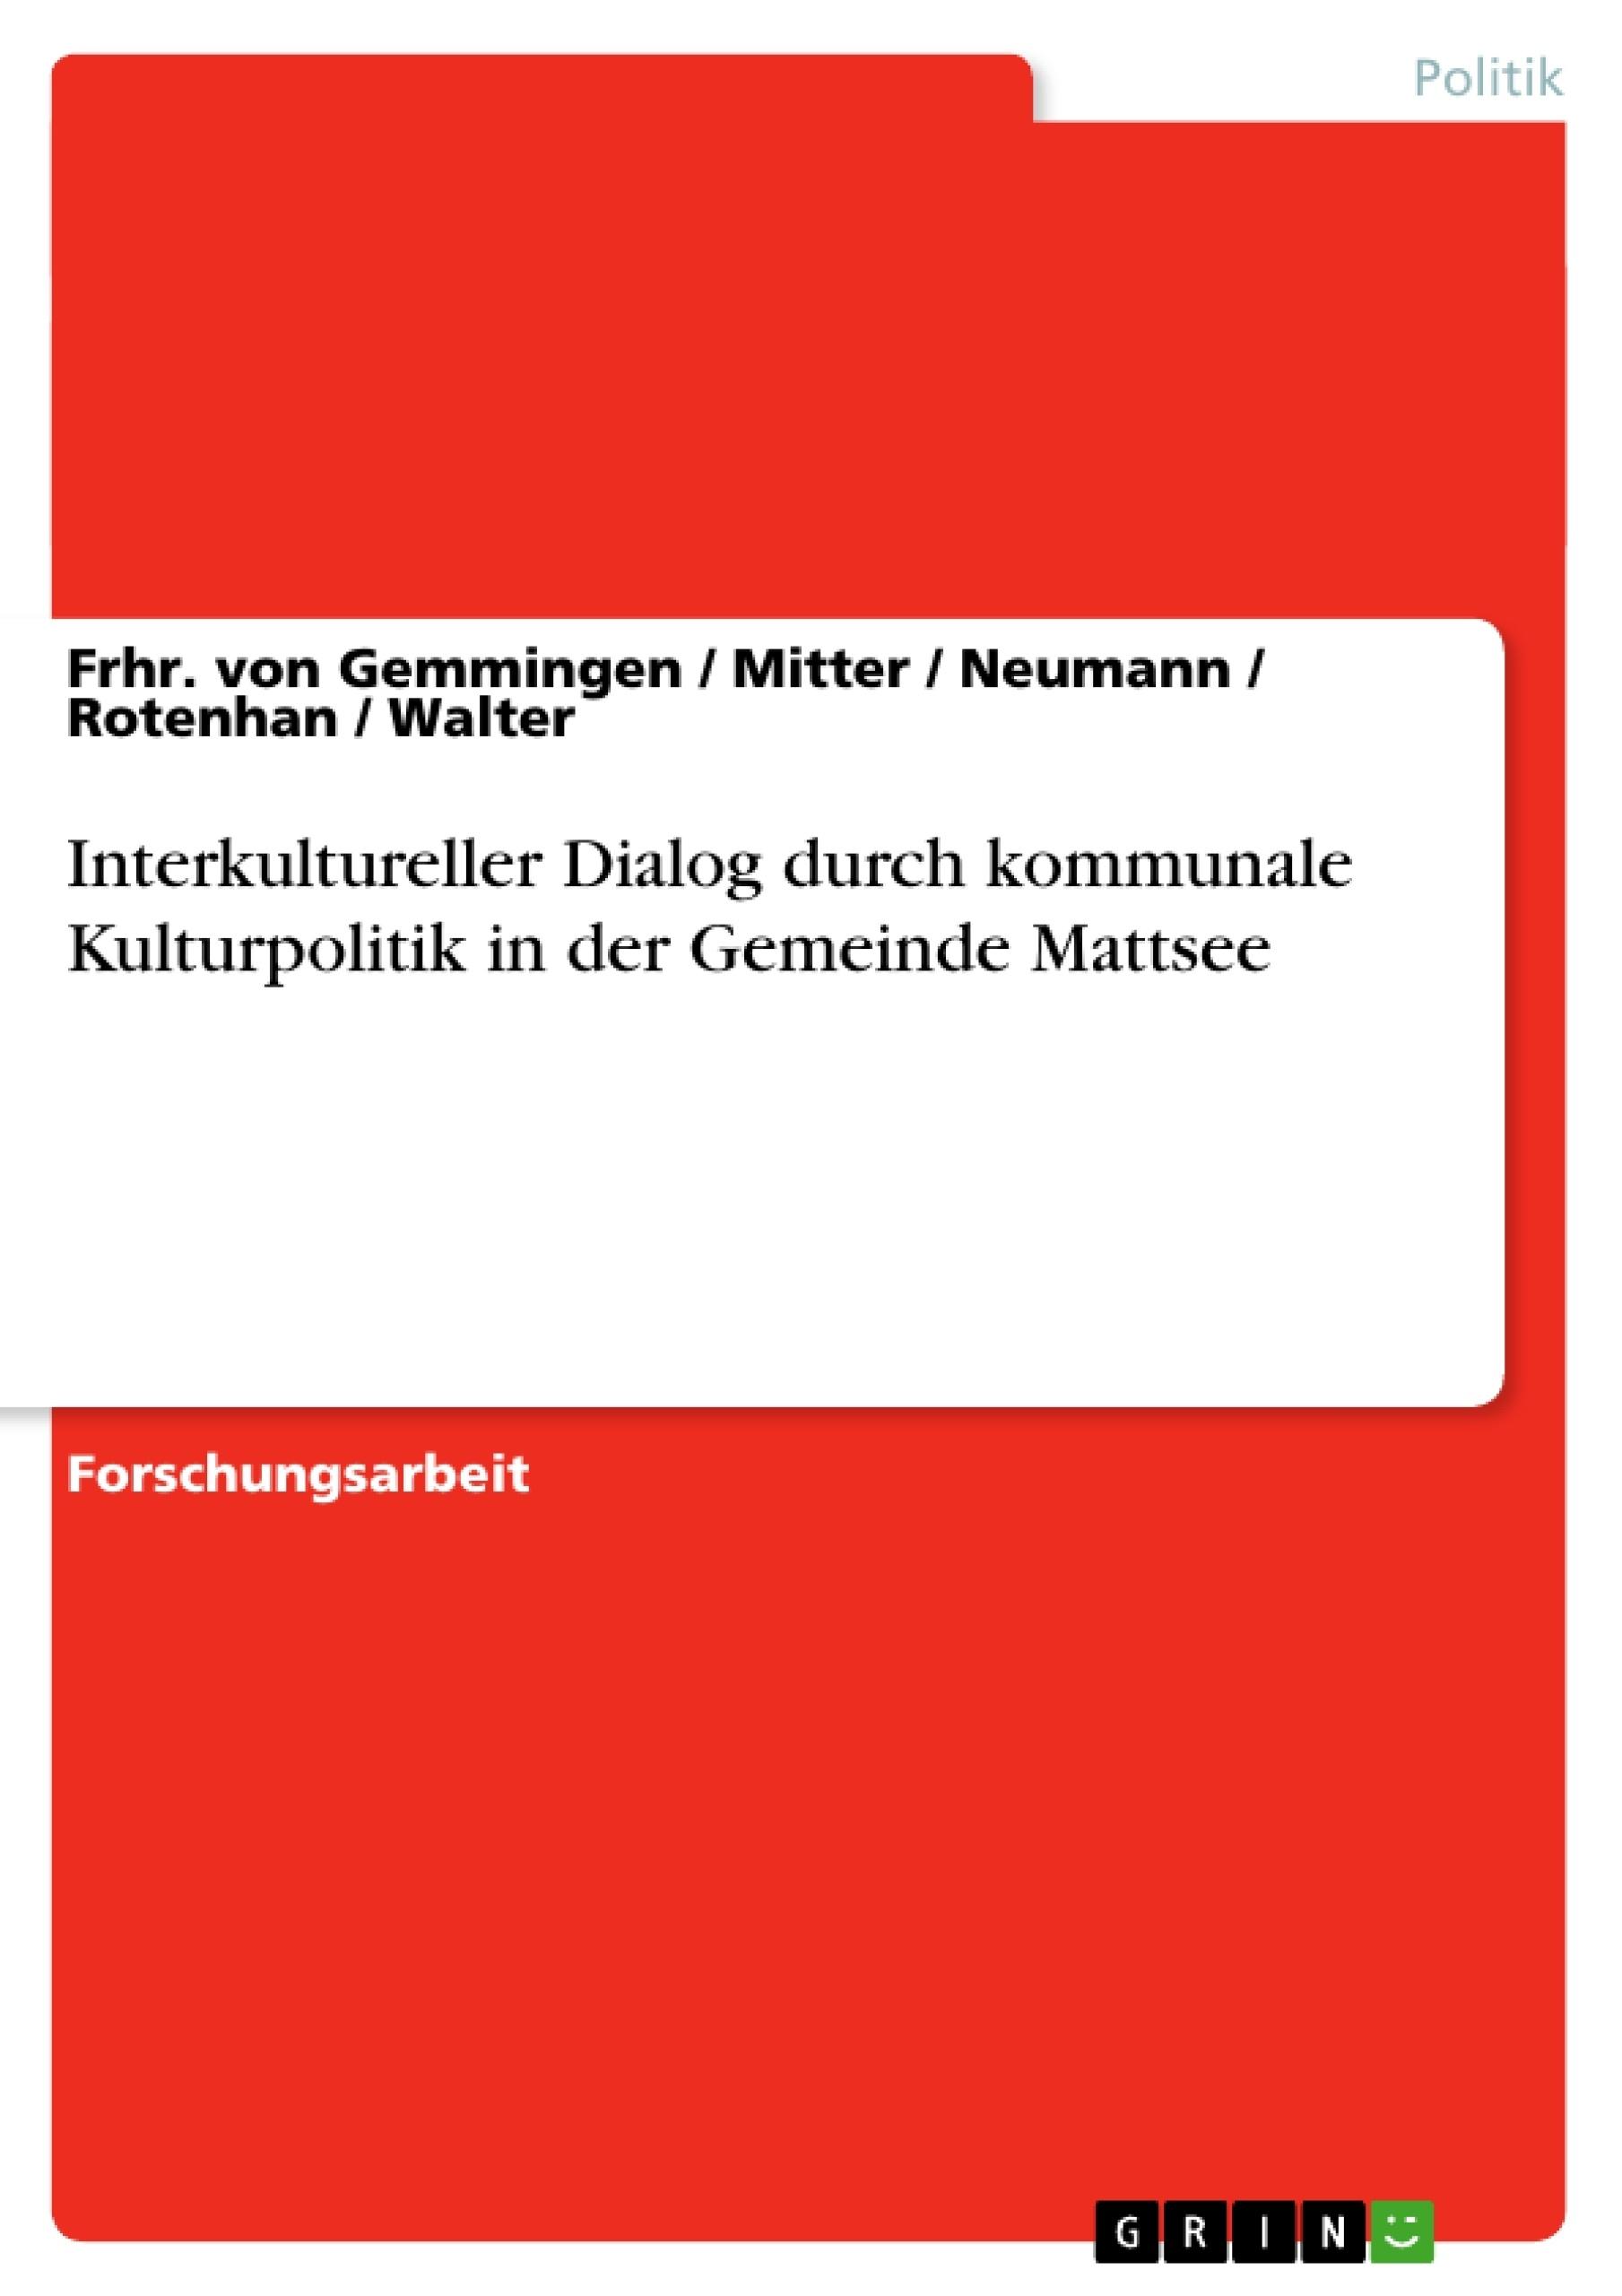 Titel: Interkultureller Dialog durch kommunale Kulturpolitik in der Gemeinde Mattsee